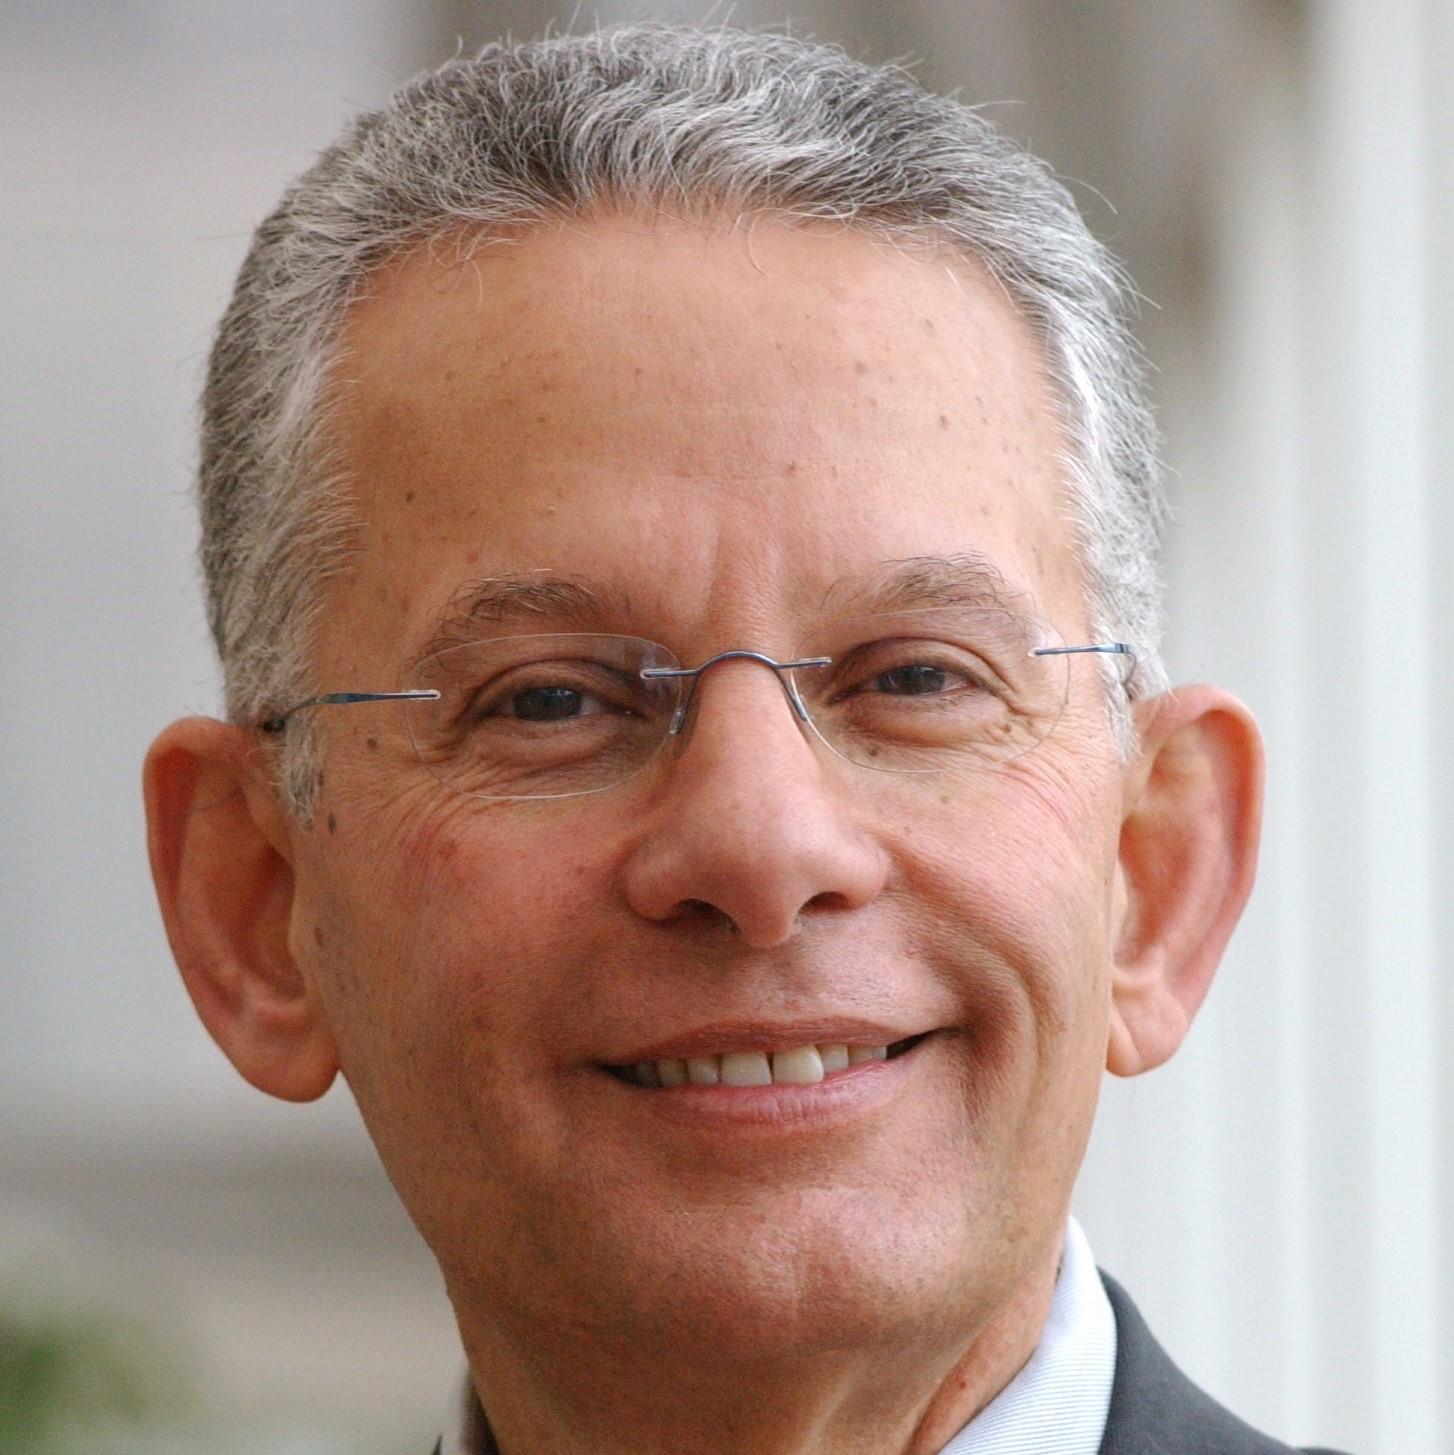 Dr. Rafik Loutfy